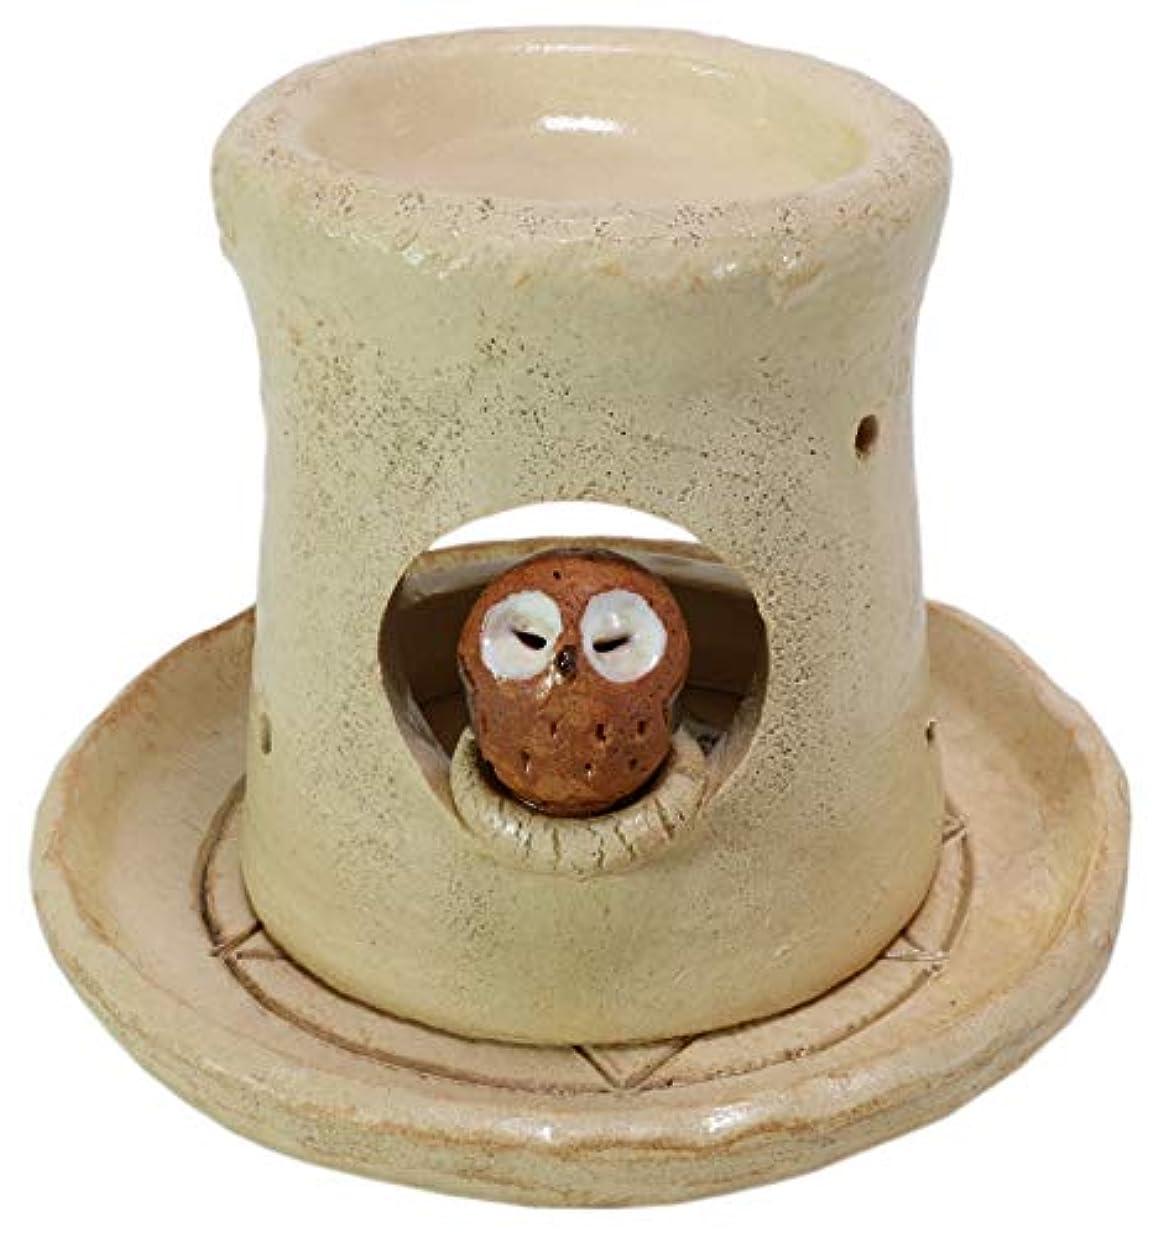 溝モンゴメリー元の香炉 フクロウ 茶香炉 [H14cm] HANDMADE プレゼント ギフト 和食器 かわいい インテリア